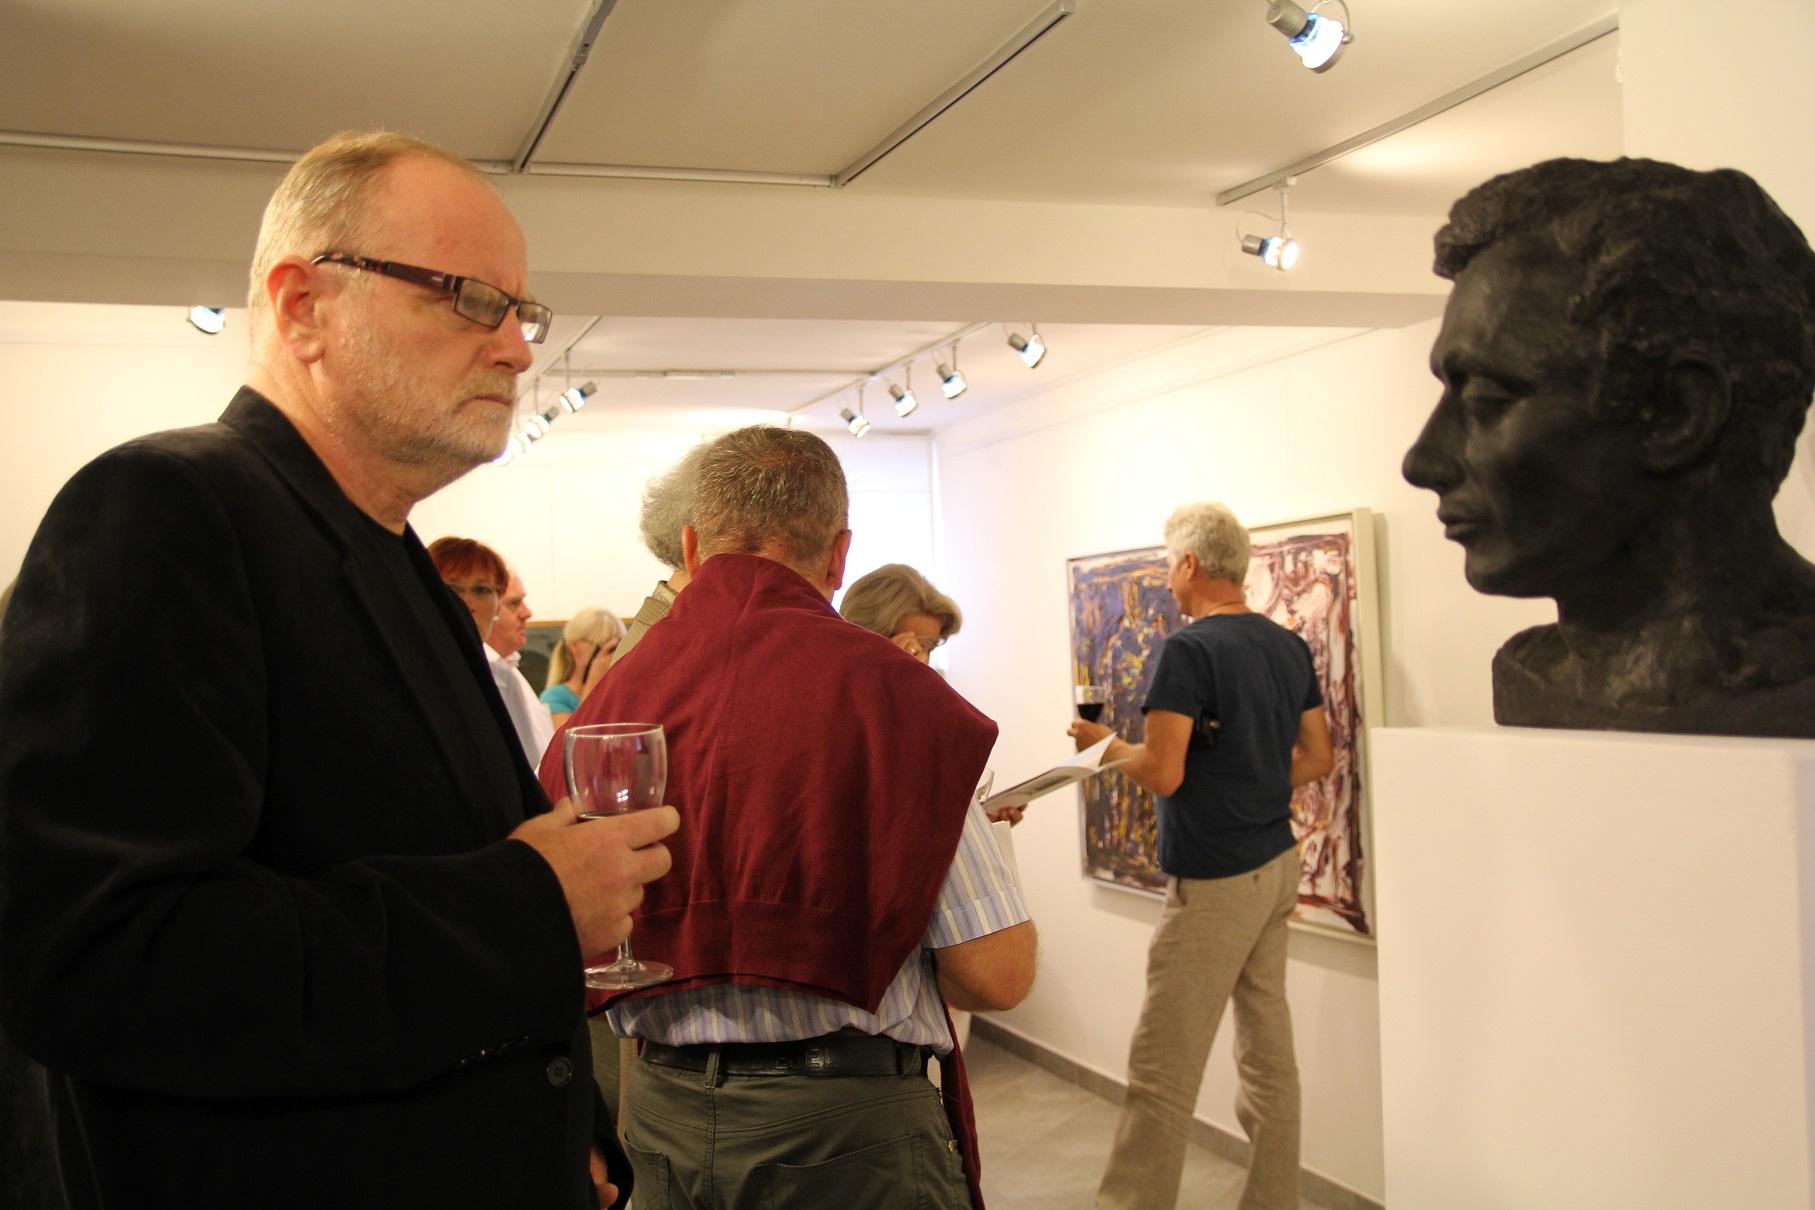 """Wernisaż wystawy """"Jacek Sempoliński. Janowiec. Mięćmierz, Kazimierz Dolny"""" w pierwszą rocznicę śmierci artysty. Galeria spa spot w Nałęczowie, 31 sierpnia 2013 roku."""